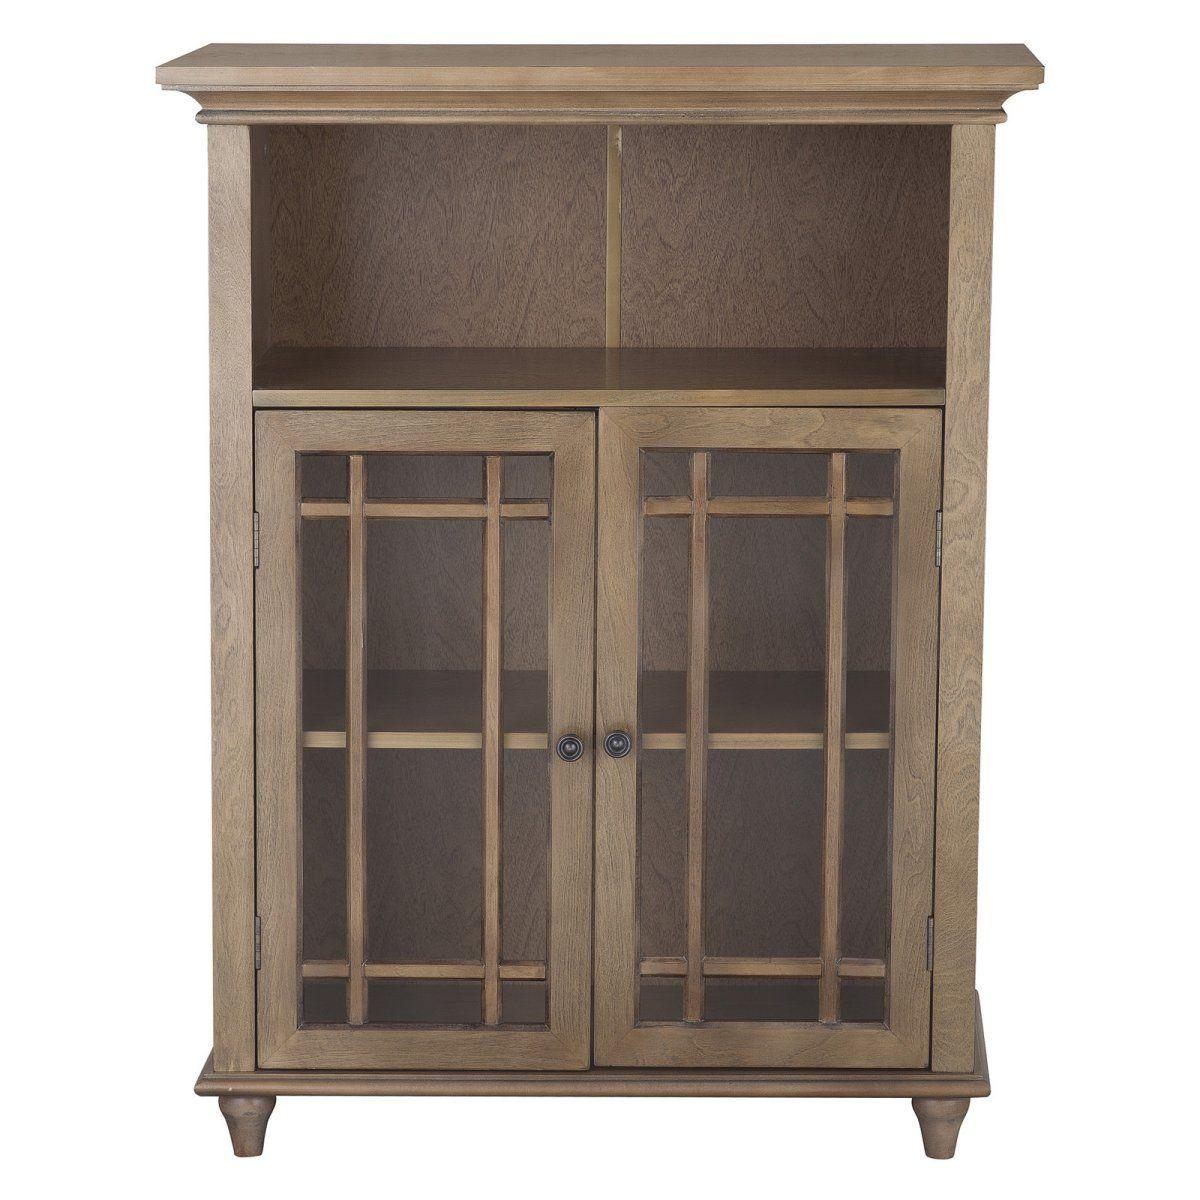 Elegant Home Harrington 2 Door Floor Cabinet 137 99 From Hayneedle Com Elegant Home Fashions Elegant Homes Home